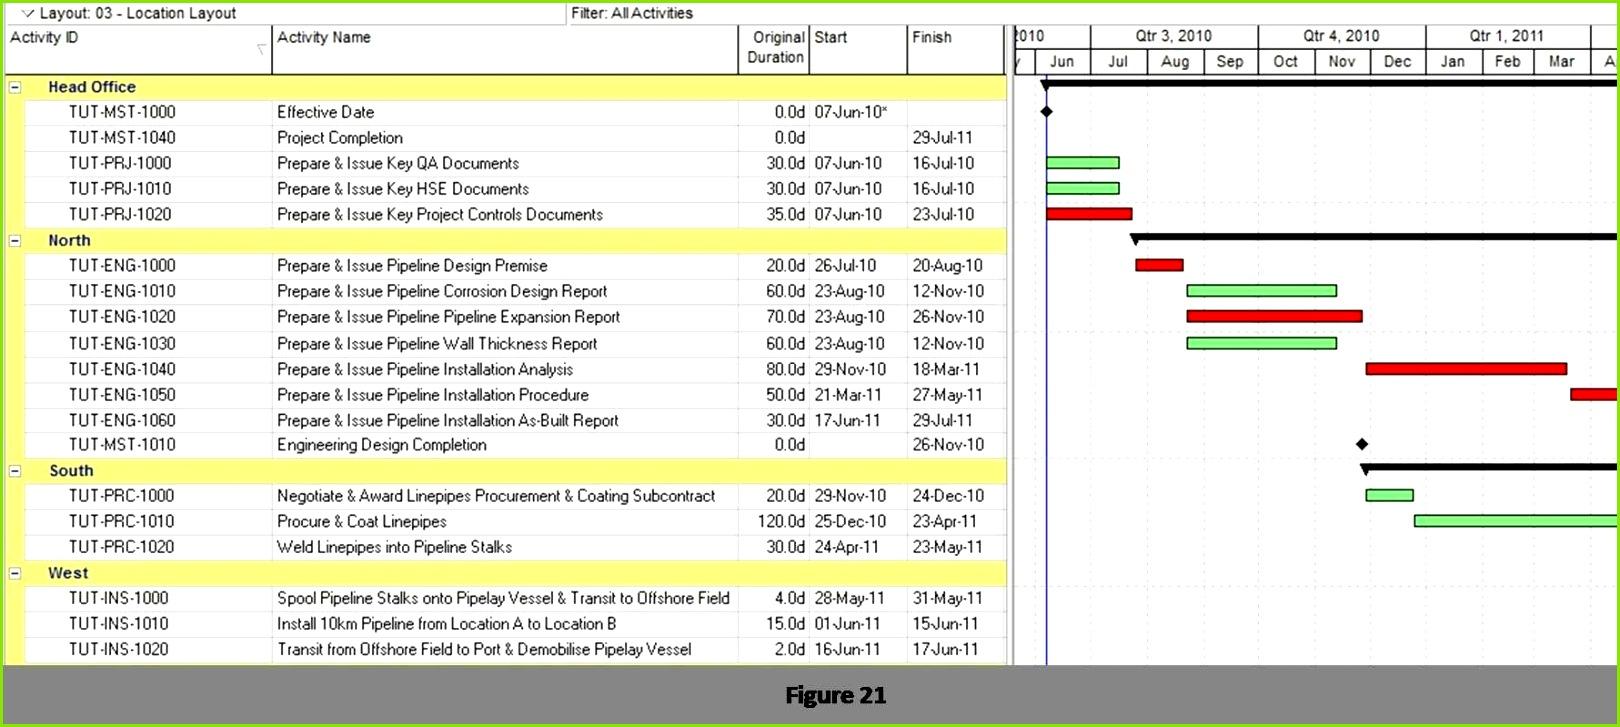 Einnahmen Ausgaben Excel Vorlage Kleinunternehmer Frisch Excel Vorlage Rechnung Kleinunternehmer Bild – 70 Frisch Vorlage